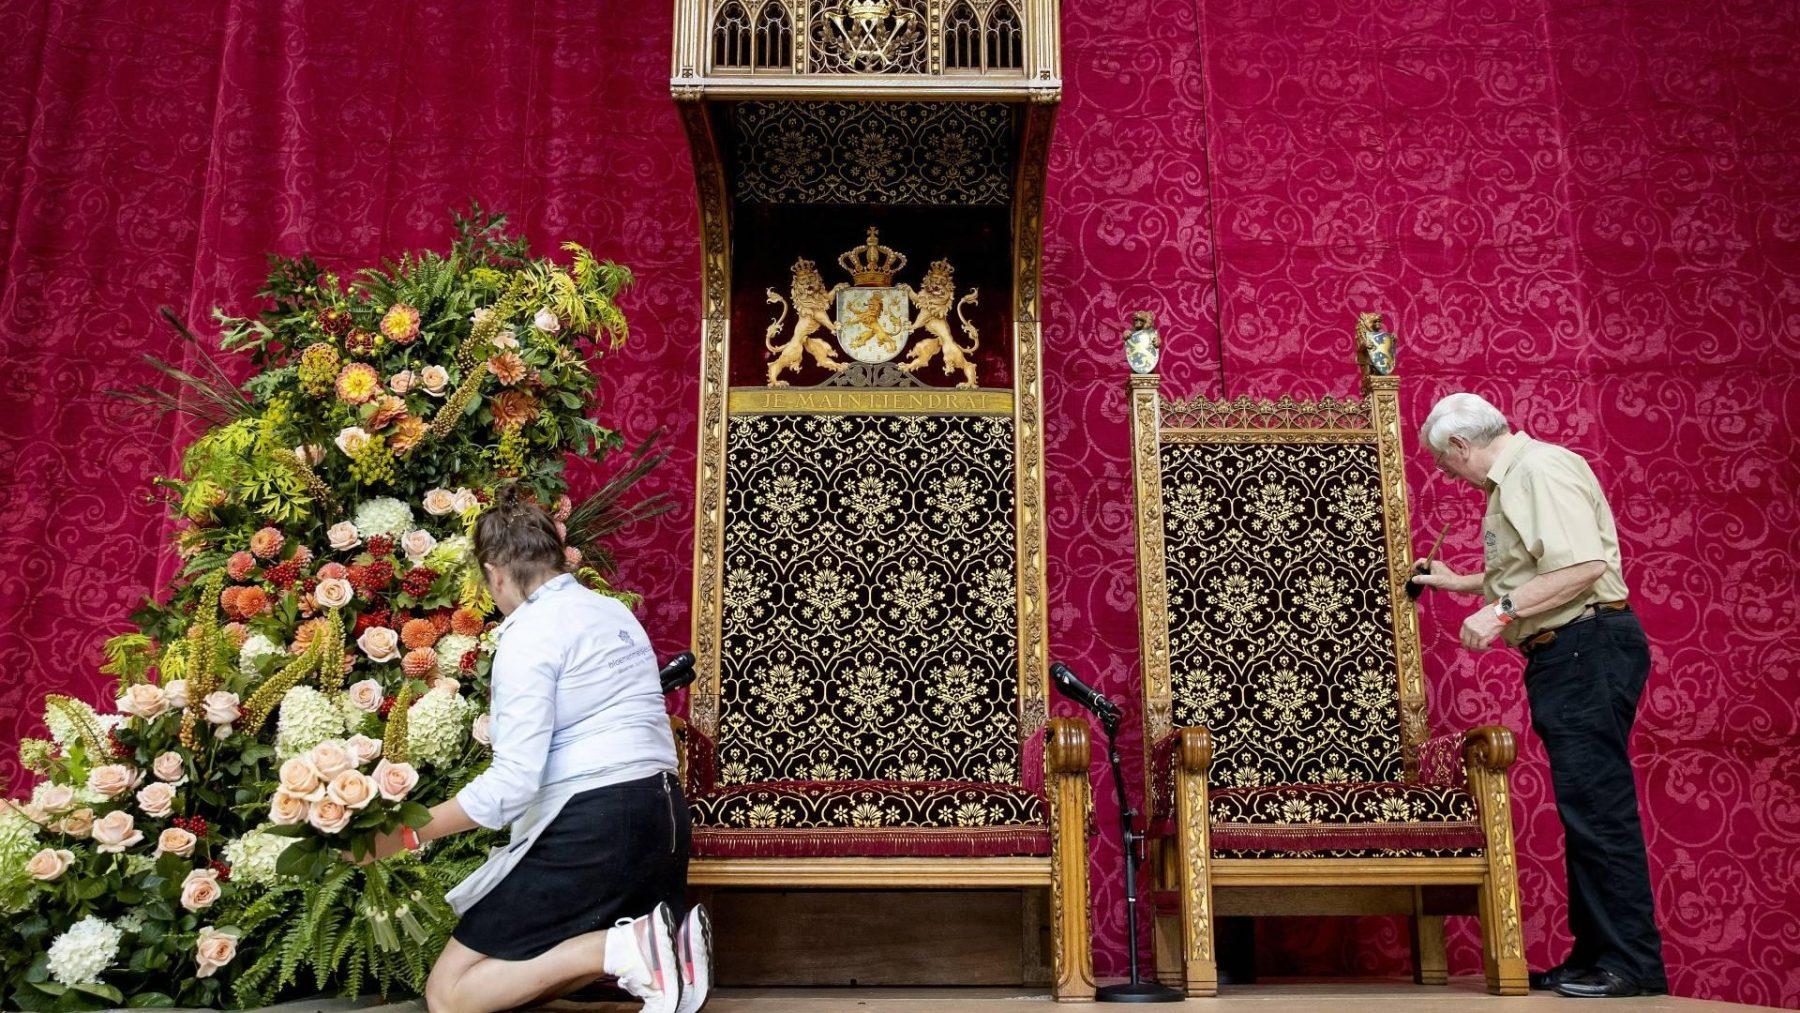 Prinsjesdag voor tweede jaar in aangepaste vorm vanwege corona